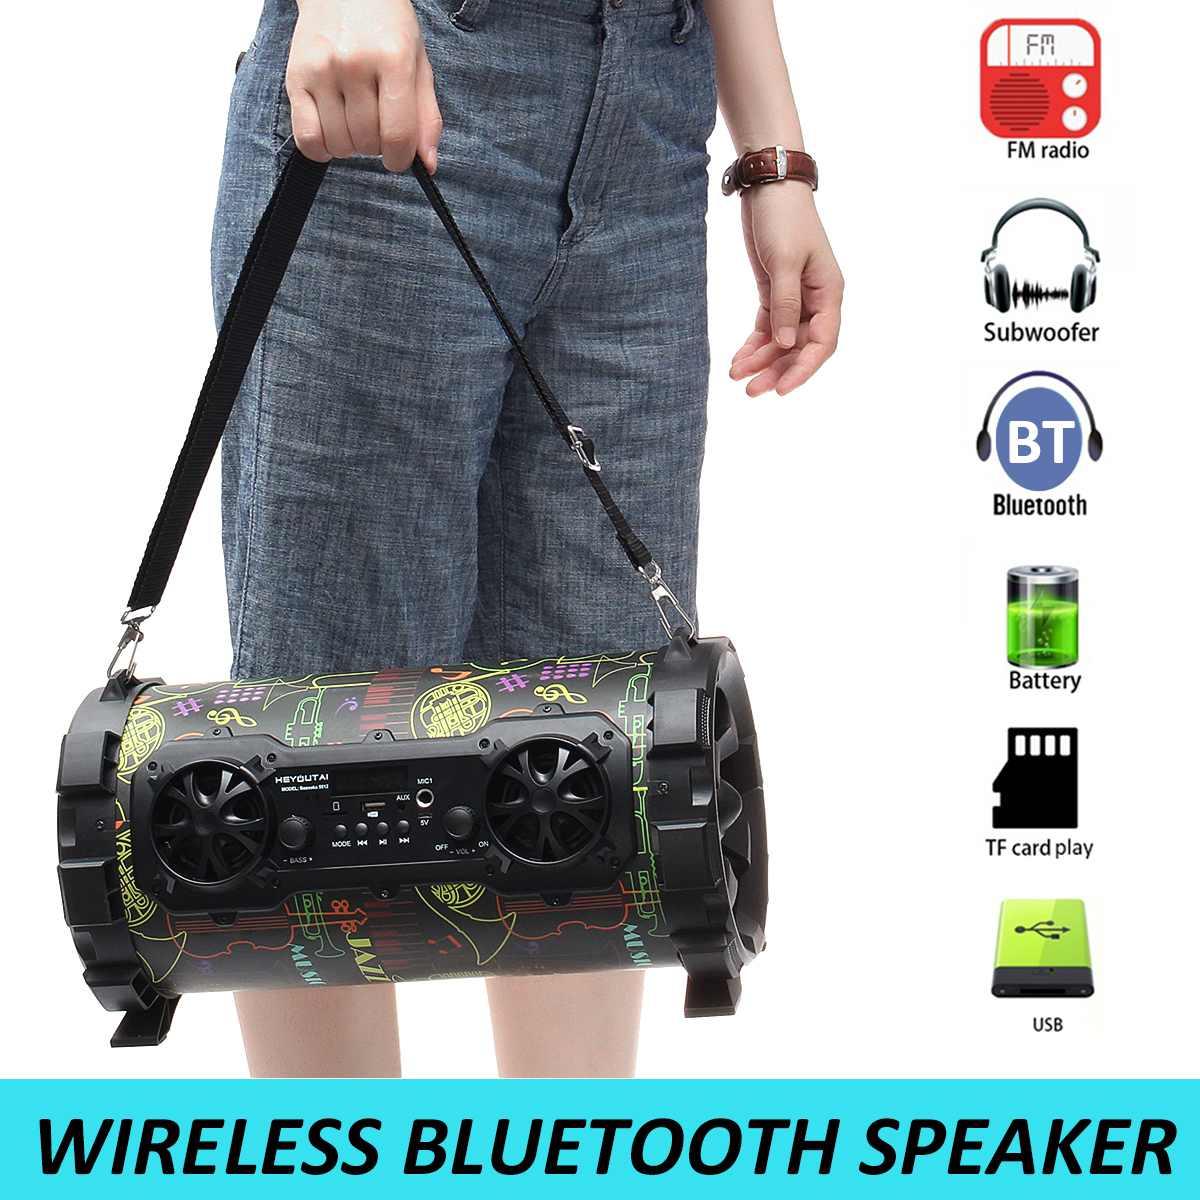 15 W sans fil bluetooth haut-parleur Portable stéréo haut-parleur système de son AUX USB TF FM Radio haut-parleur extérieur lecteur de musique